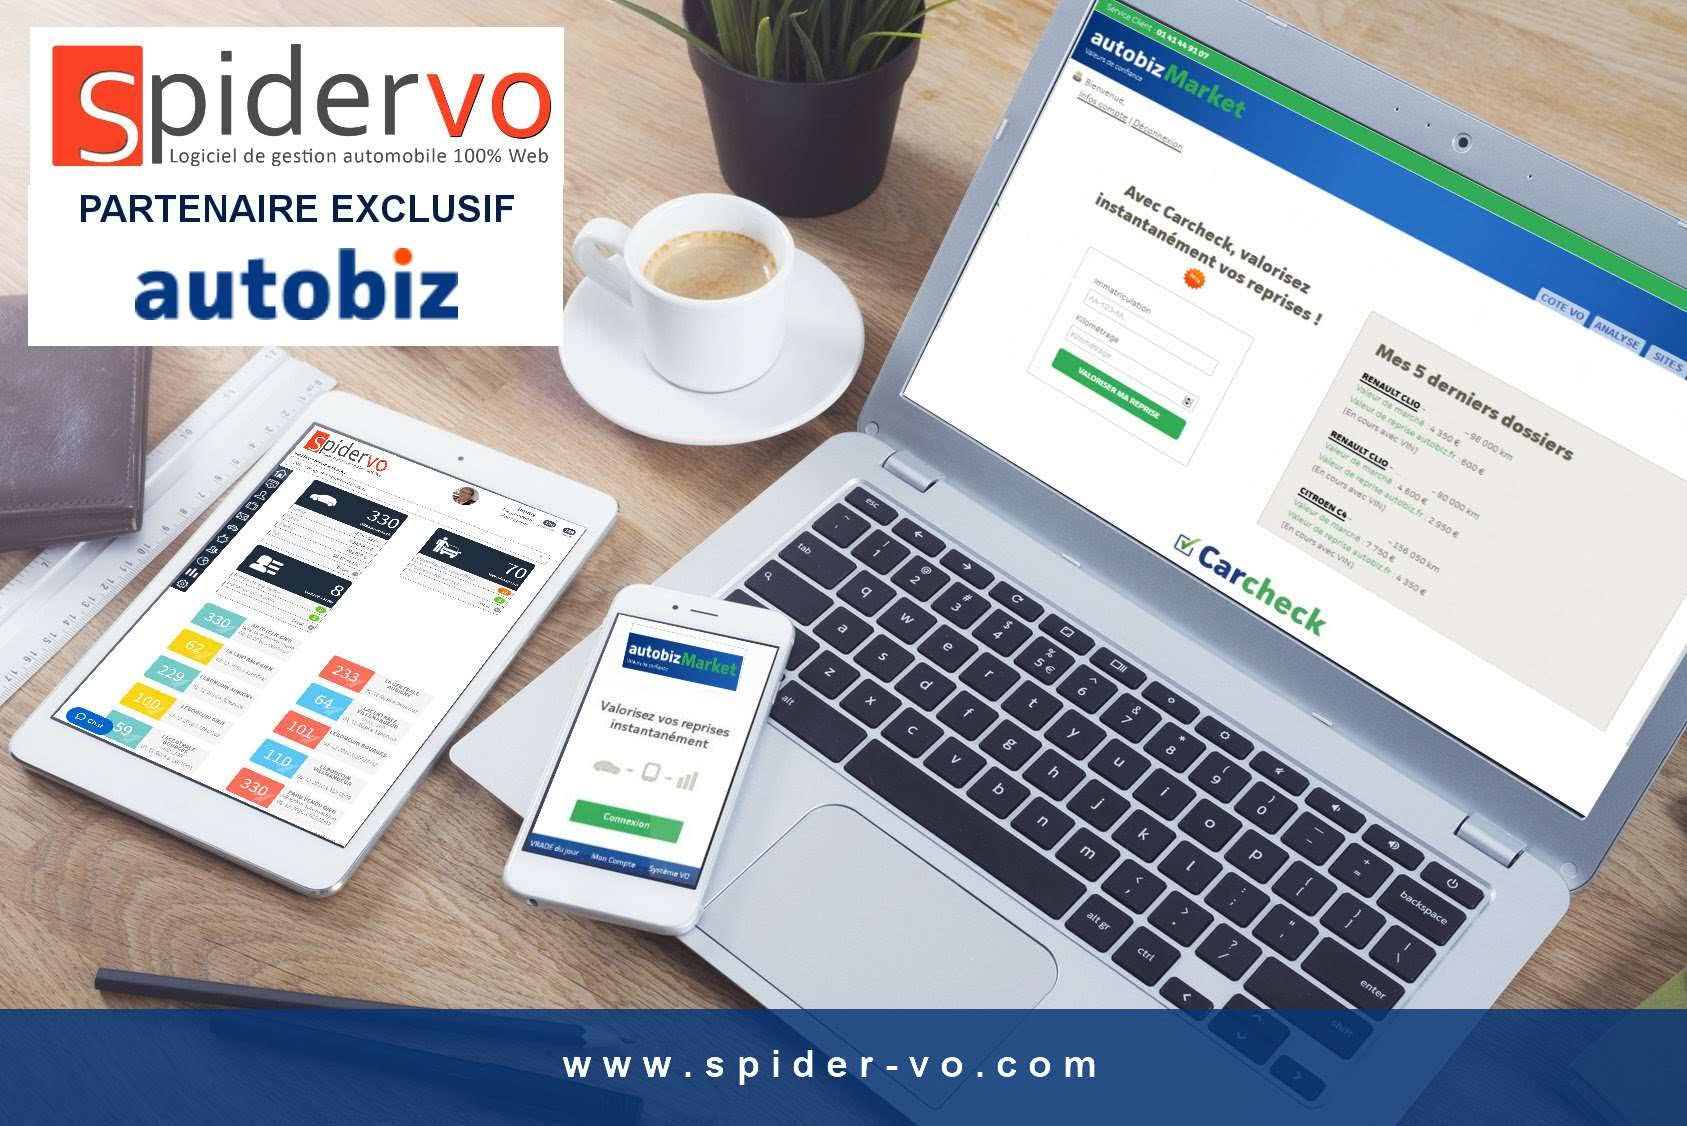 SPIDER VO & AUTOBIZ  unissent leurs forces pour répondre à tous les besoins IT des professionnels VO 2